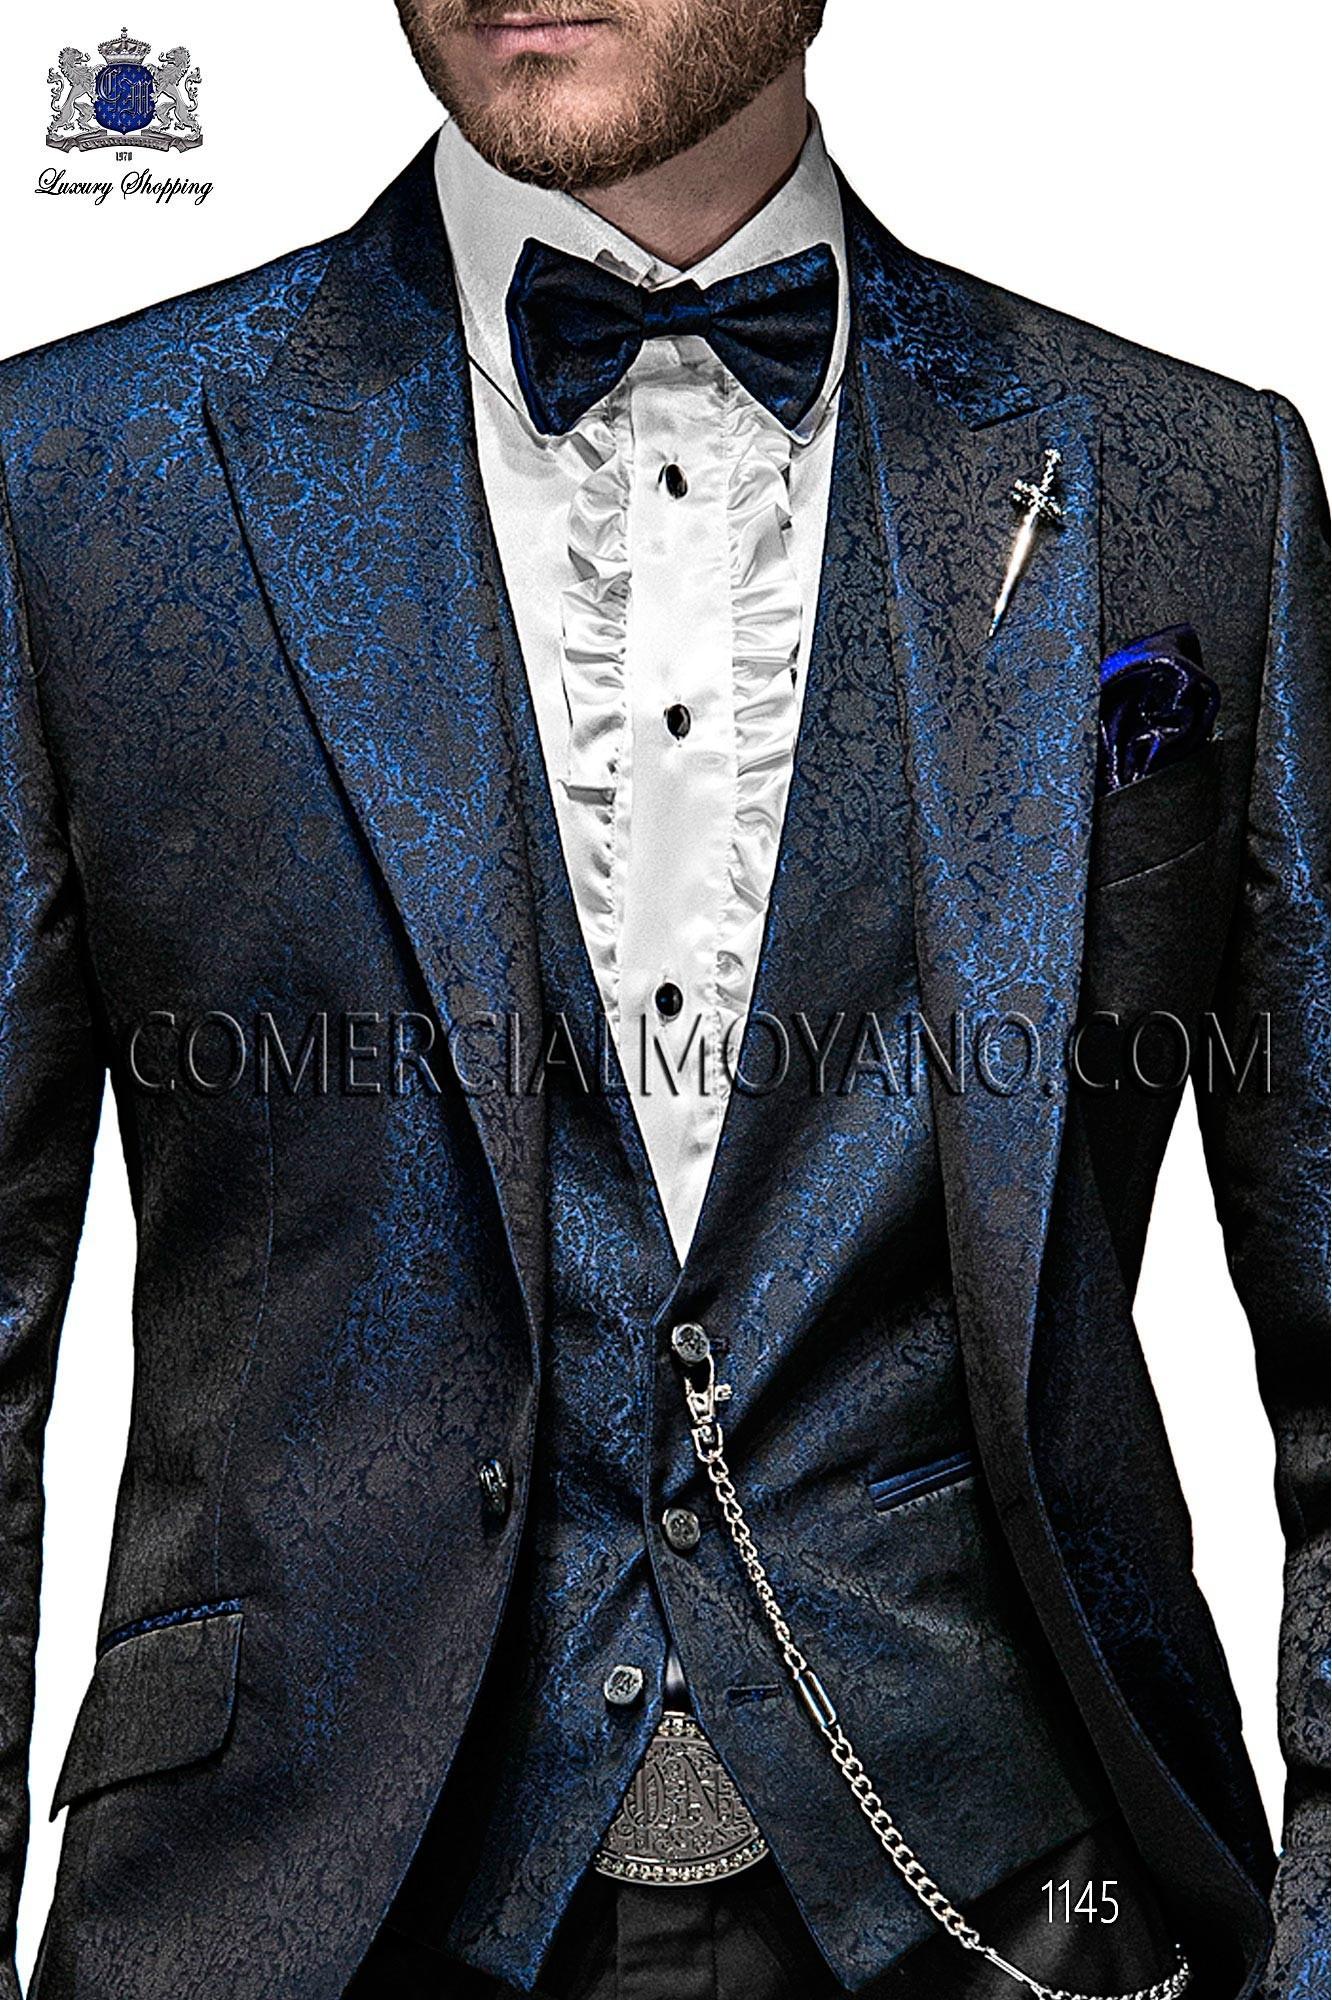 Traje Emotion de novio azul modelo: 1145 Ottavio Nuccio Gala colección Emotion